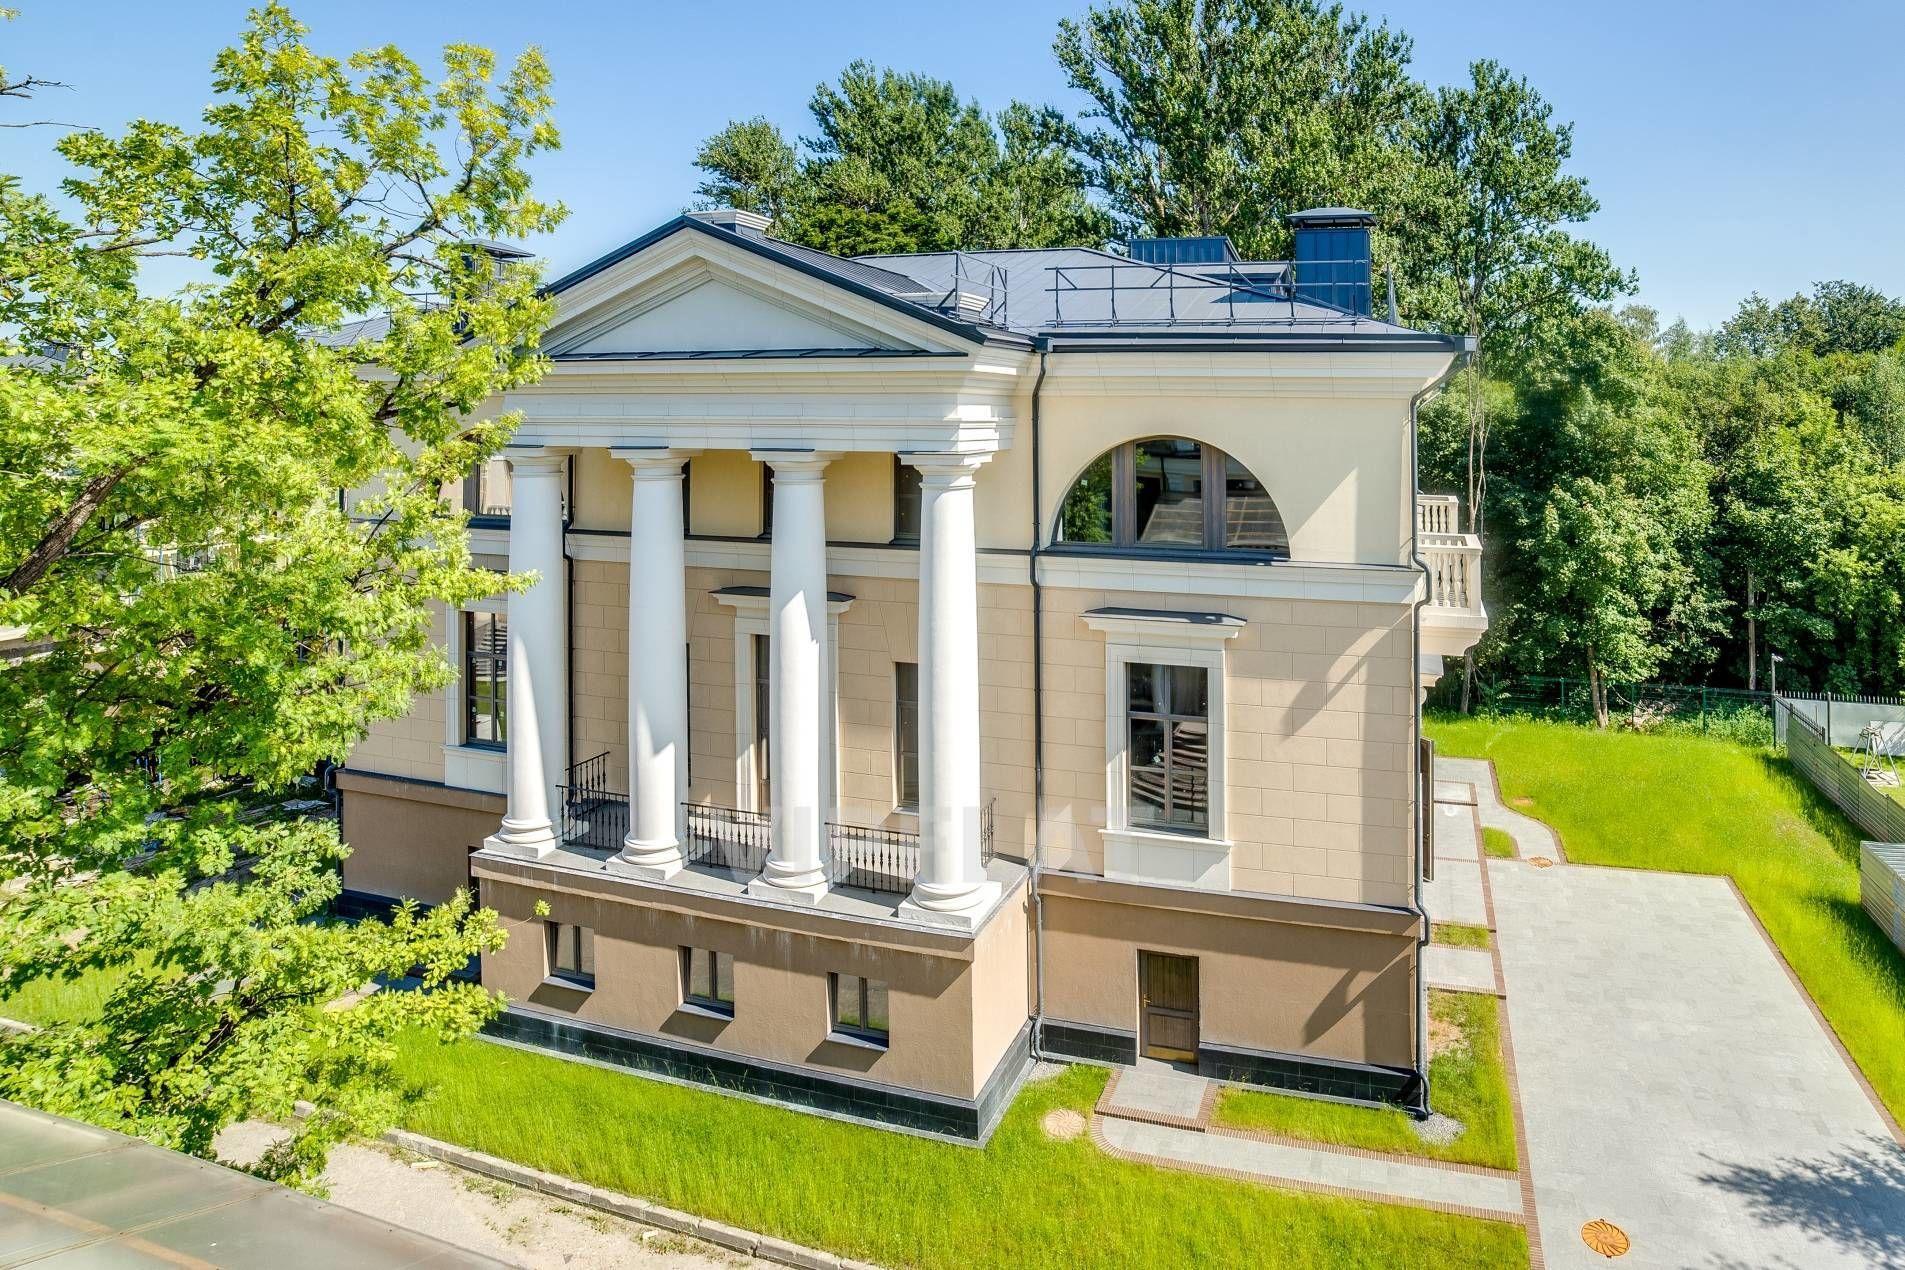 Продажа элитных квартир Санкт-Петербурга. Крестовки реки наб., 3 Торжественный фасад